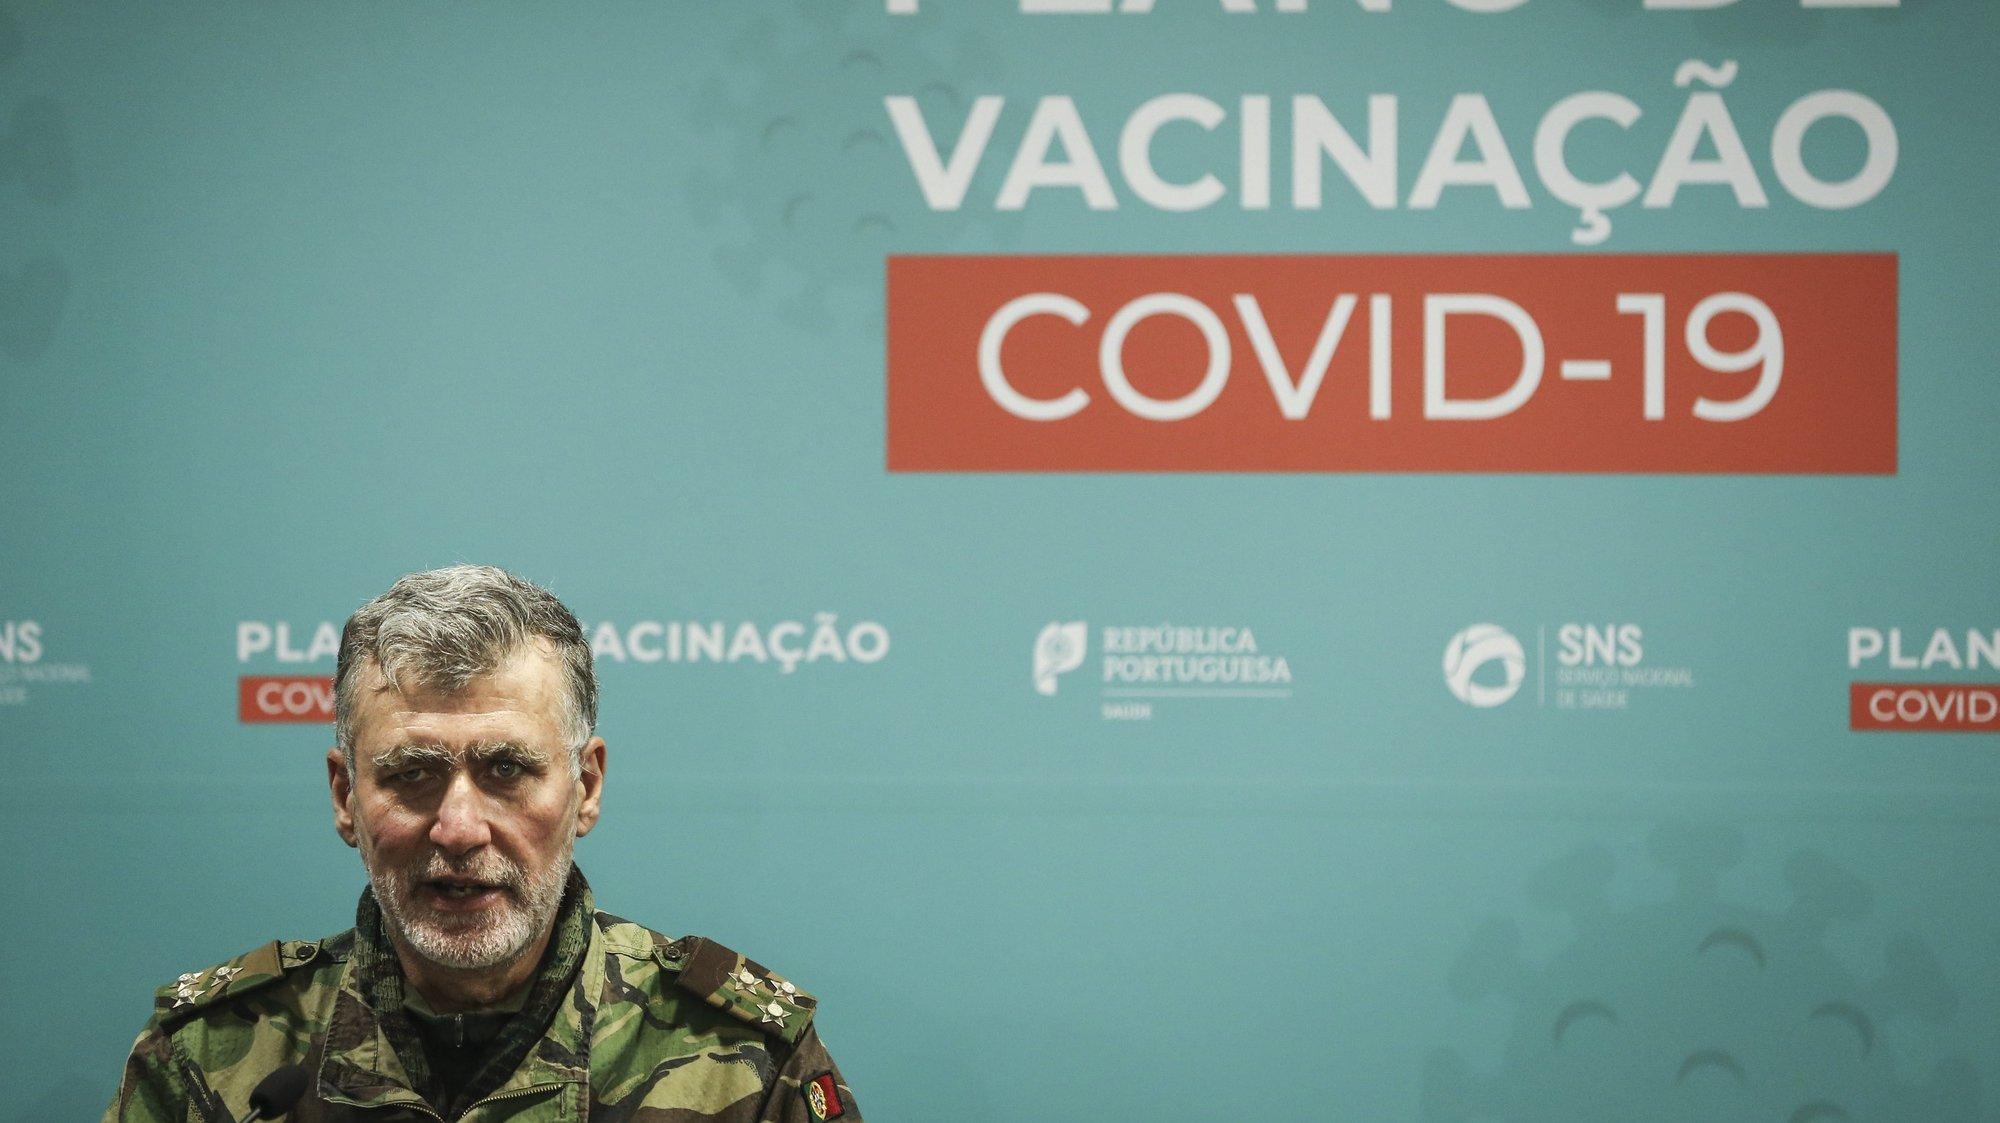 O coordenador da task-force para a vacinação contra a covid-19, Henrique Gouveia e Melo, intervém durante a conferência de imprensa com atualização da informação sobre a vacina covid-19 da Astrazeneca, no Ministério da Saúde, em Lisboa, 18 de março de 2021. RODRIGO ANTUNES/LUSA